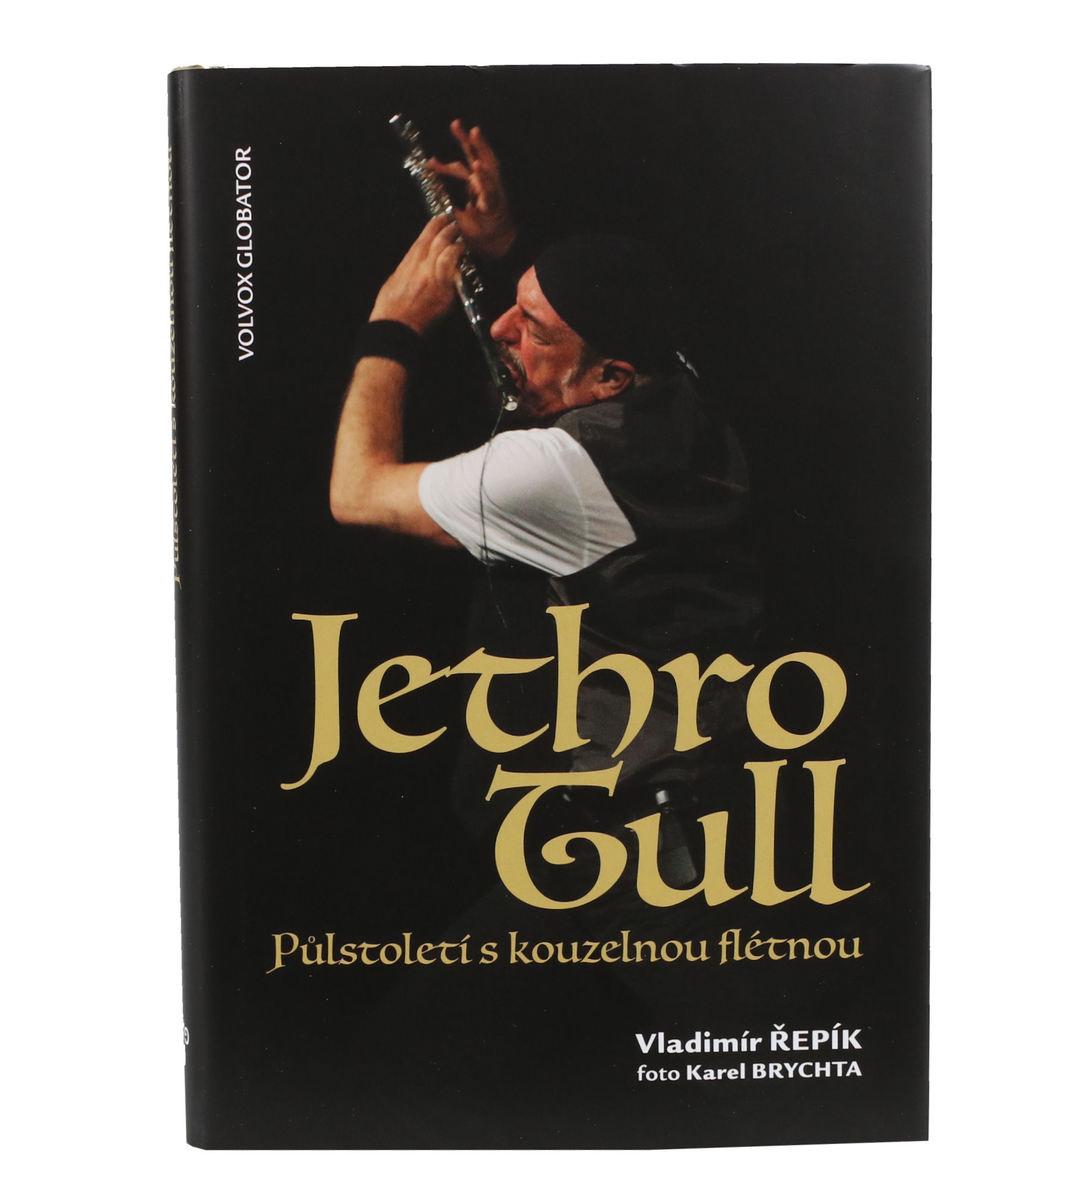 kniha Jethro Tull - Půlstoletí s kouzelnou flétnou - Vladimír repík - KOS011